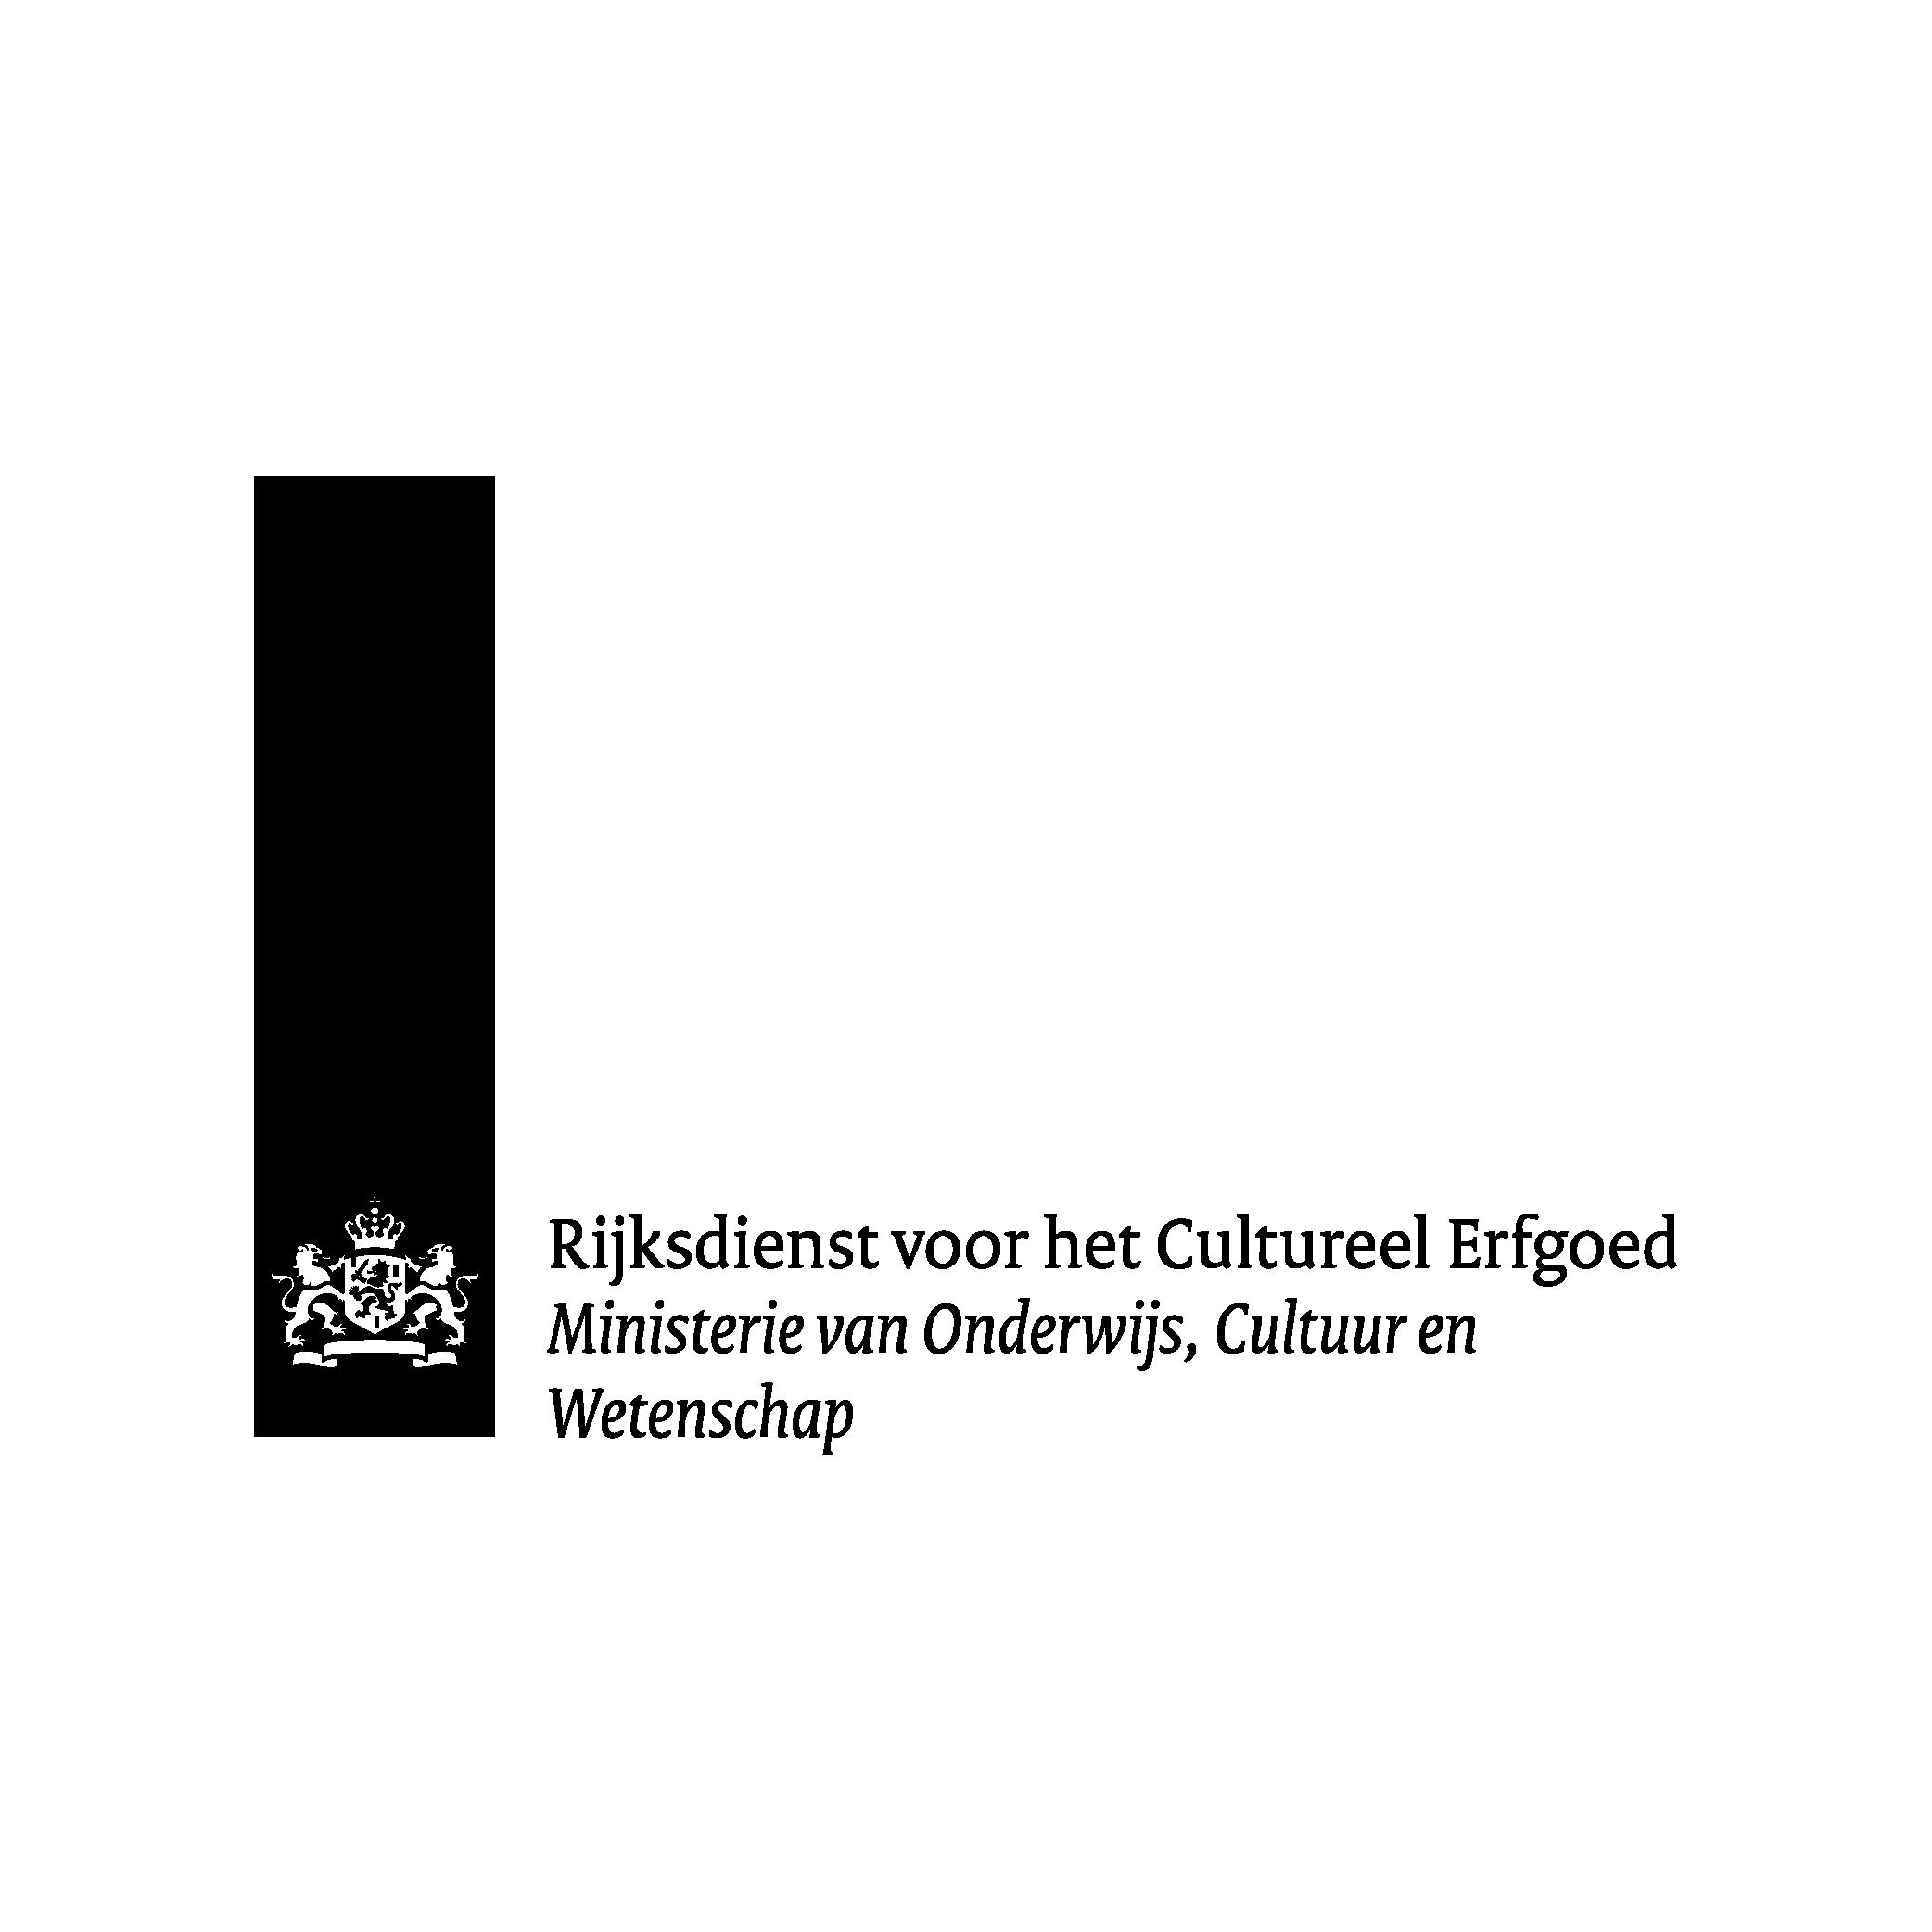 AD-Klant-Rijksdienst voor het Cultureel Erfgoed